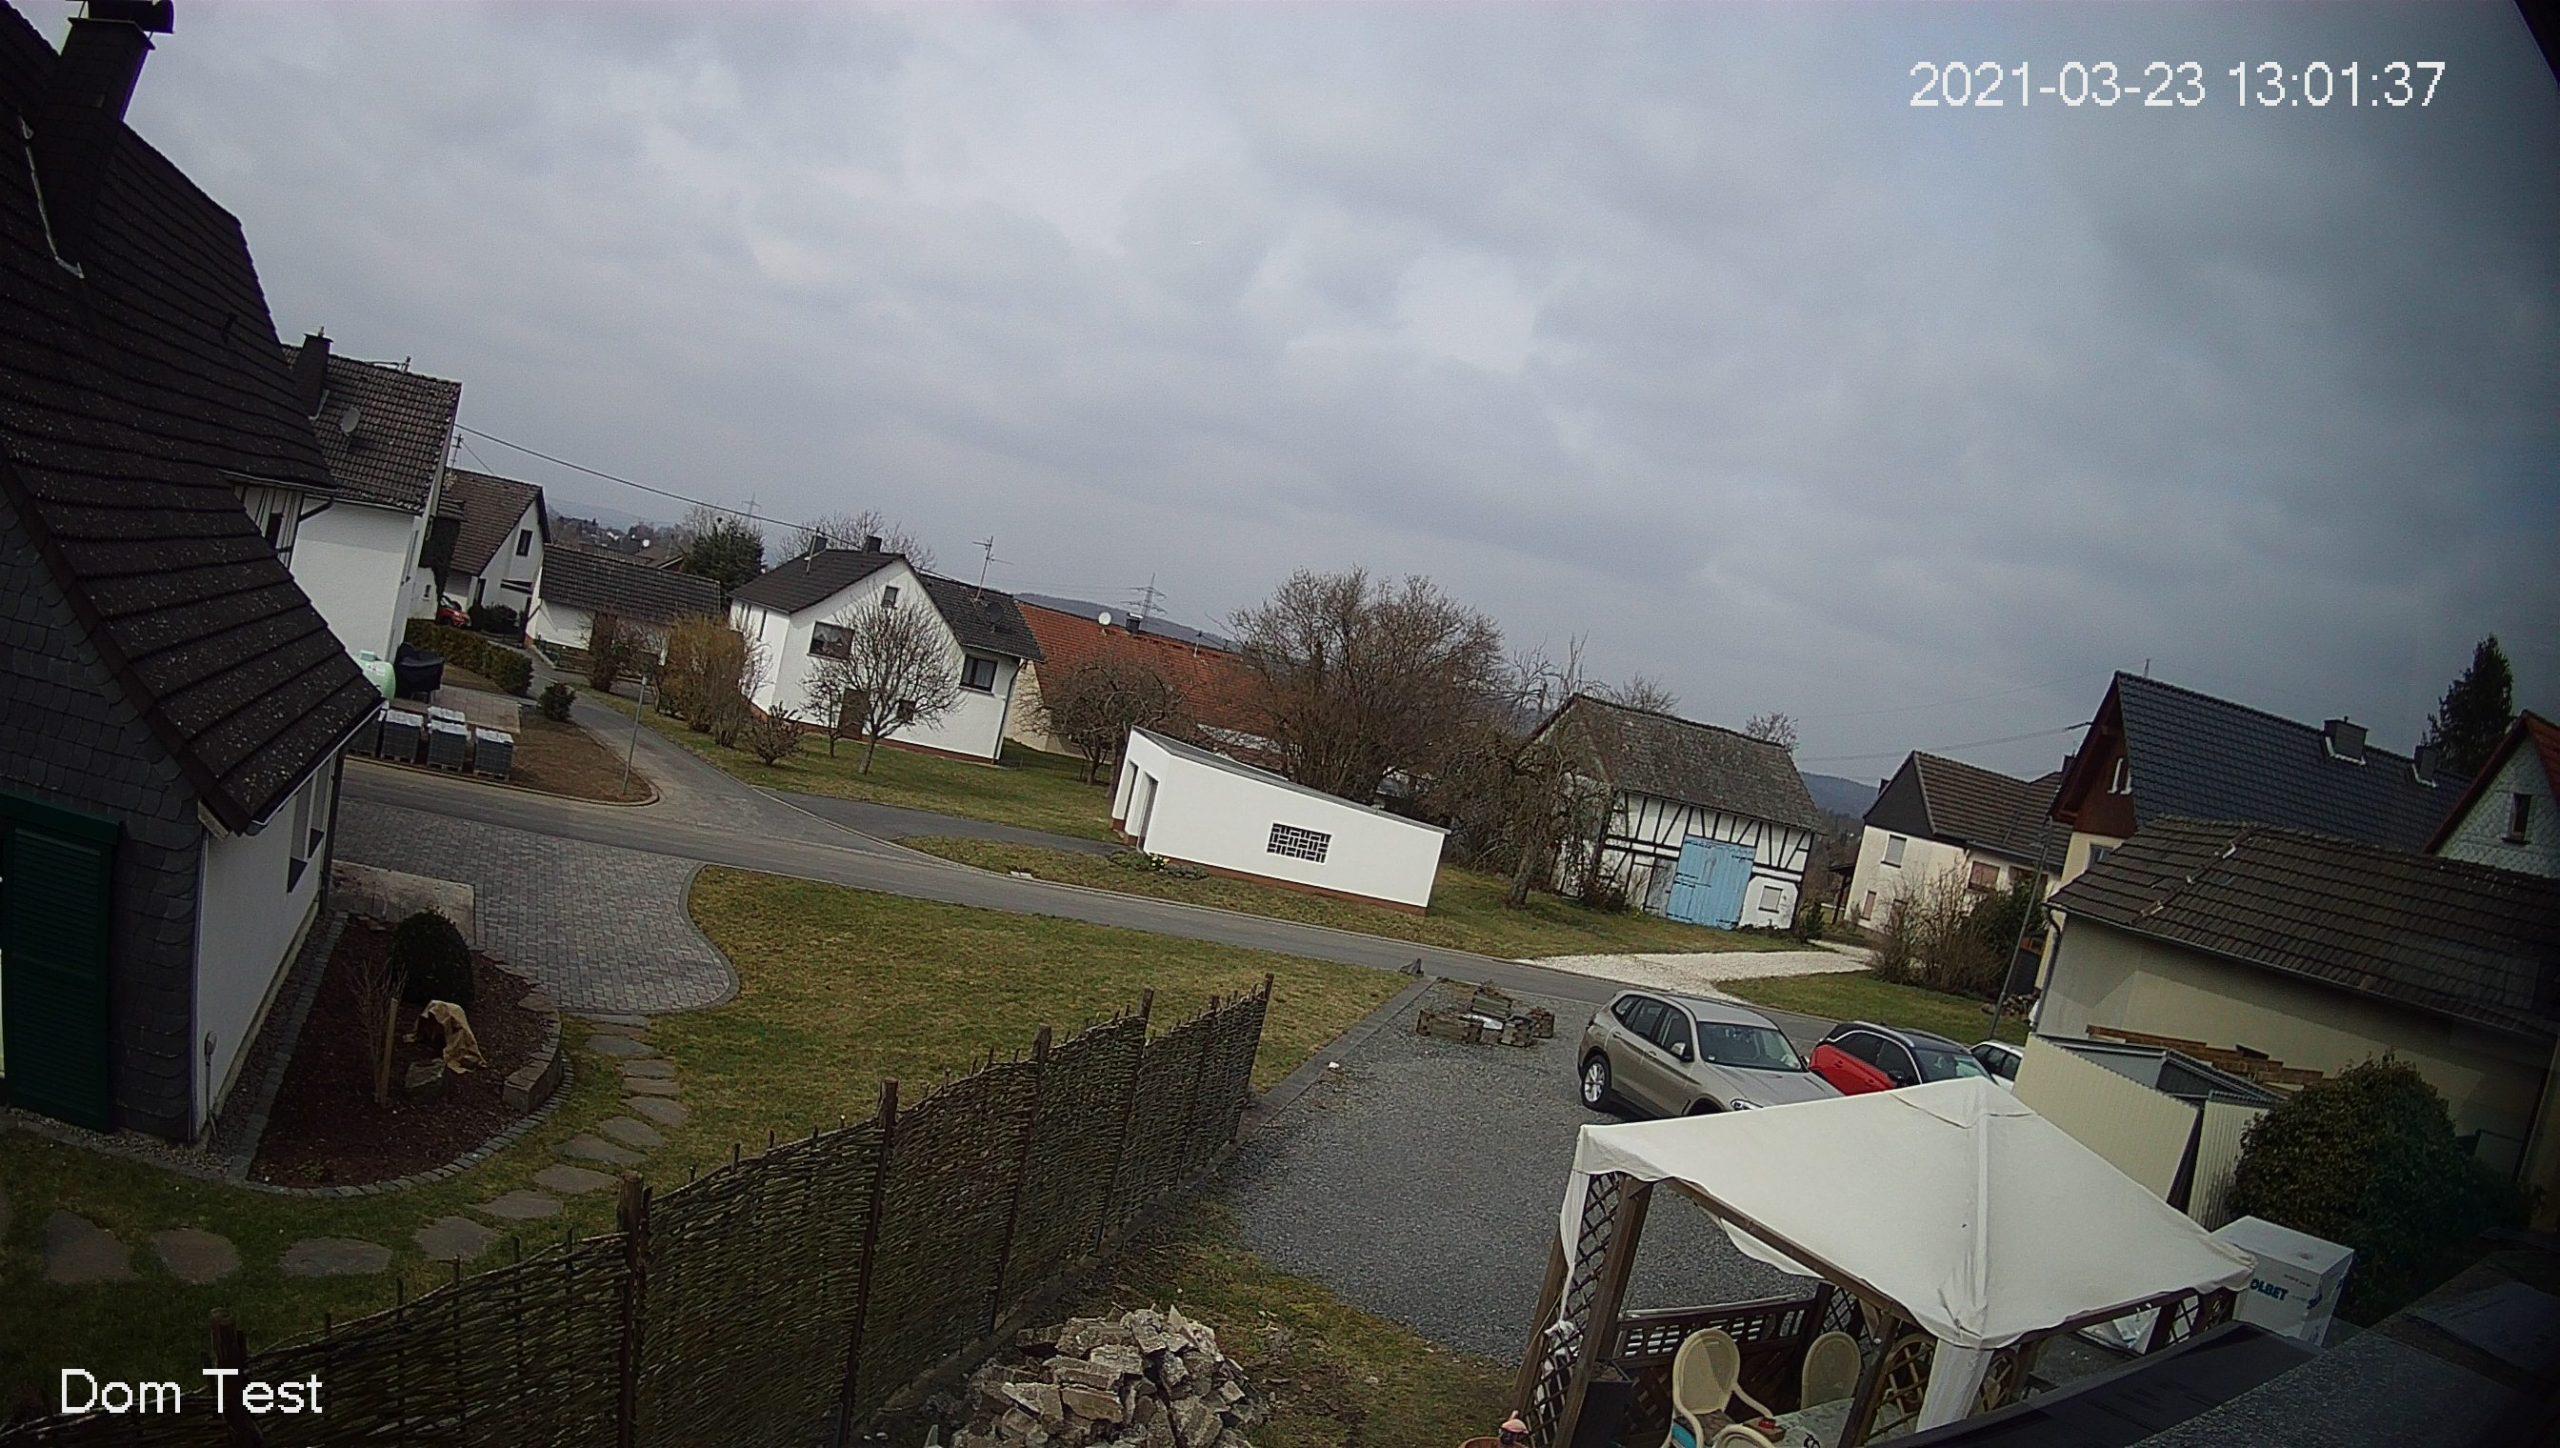 Essen-2021-03-23-13-27-01